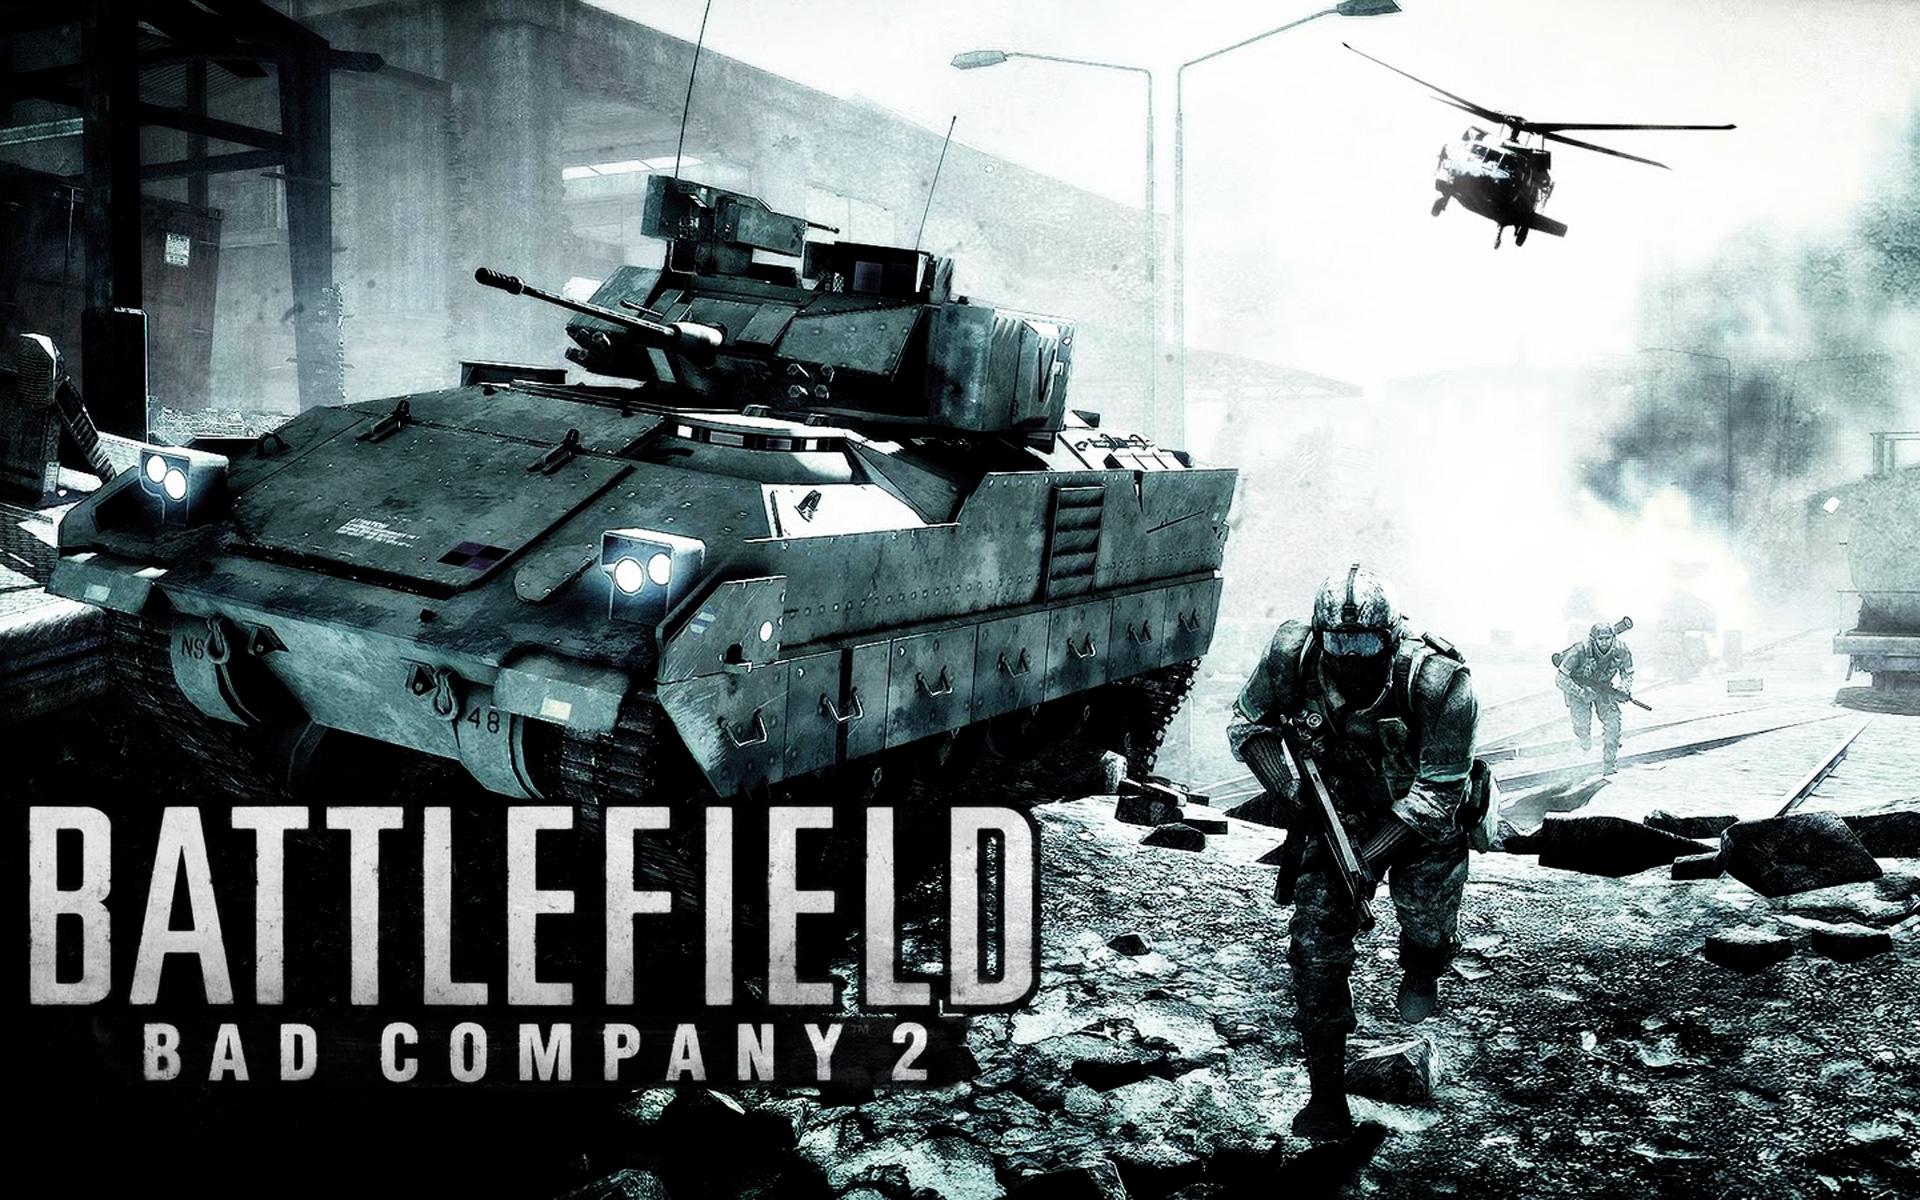 Battlefield: Bad Company 2 Wallpaper in 1920x1200